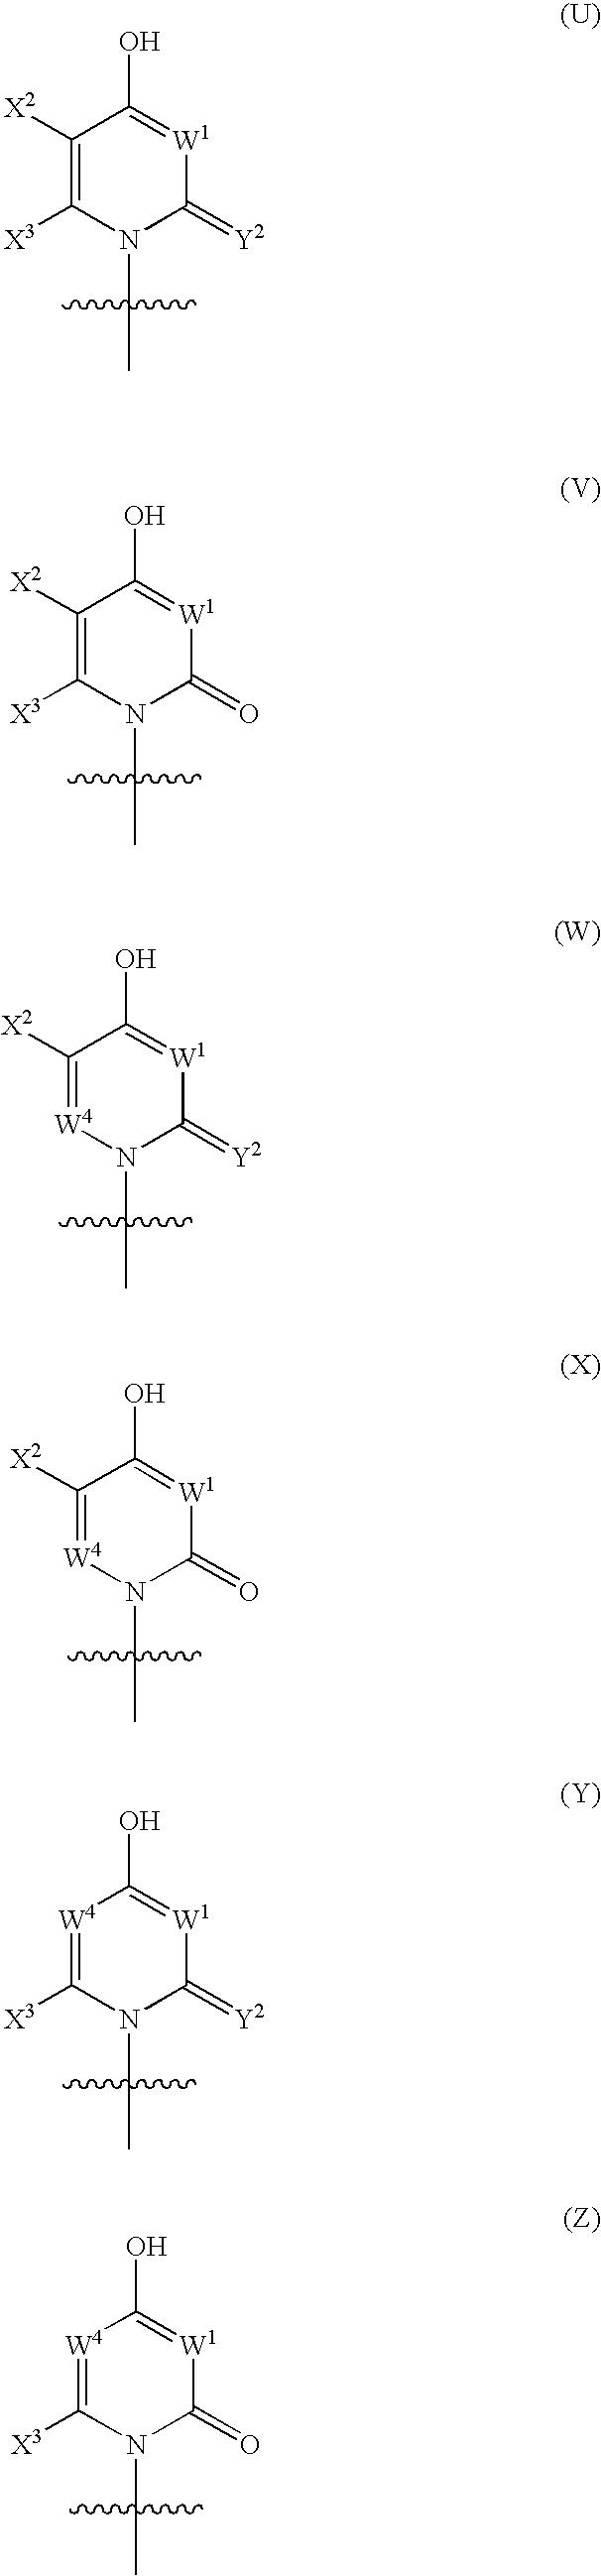 Figure US07608600-20091027-C00007